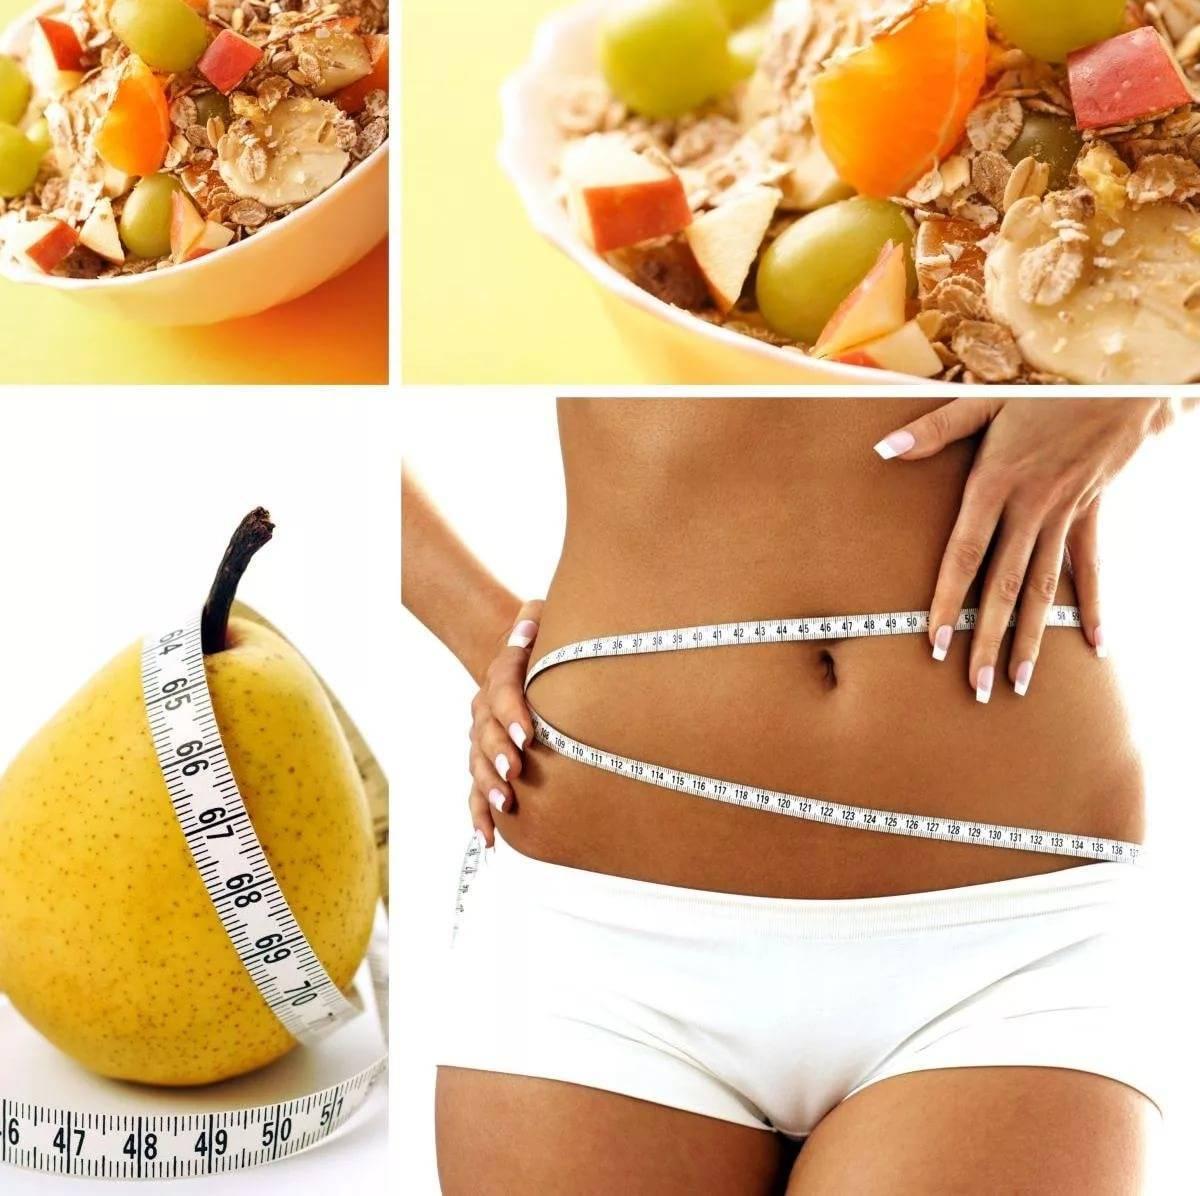 Как быстро похудеть к лету: способы сбросить вес эффективно с упражнениями, коррекцией питания и без диет